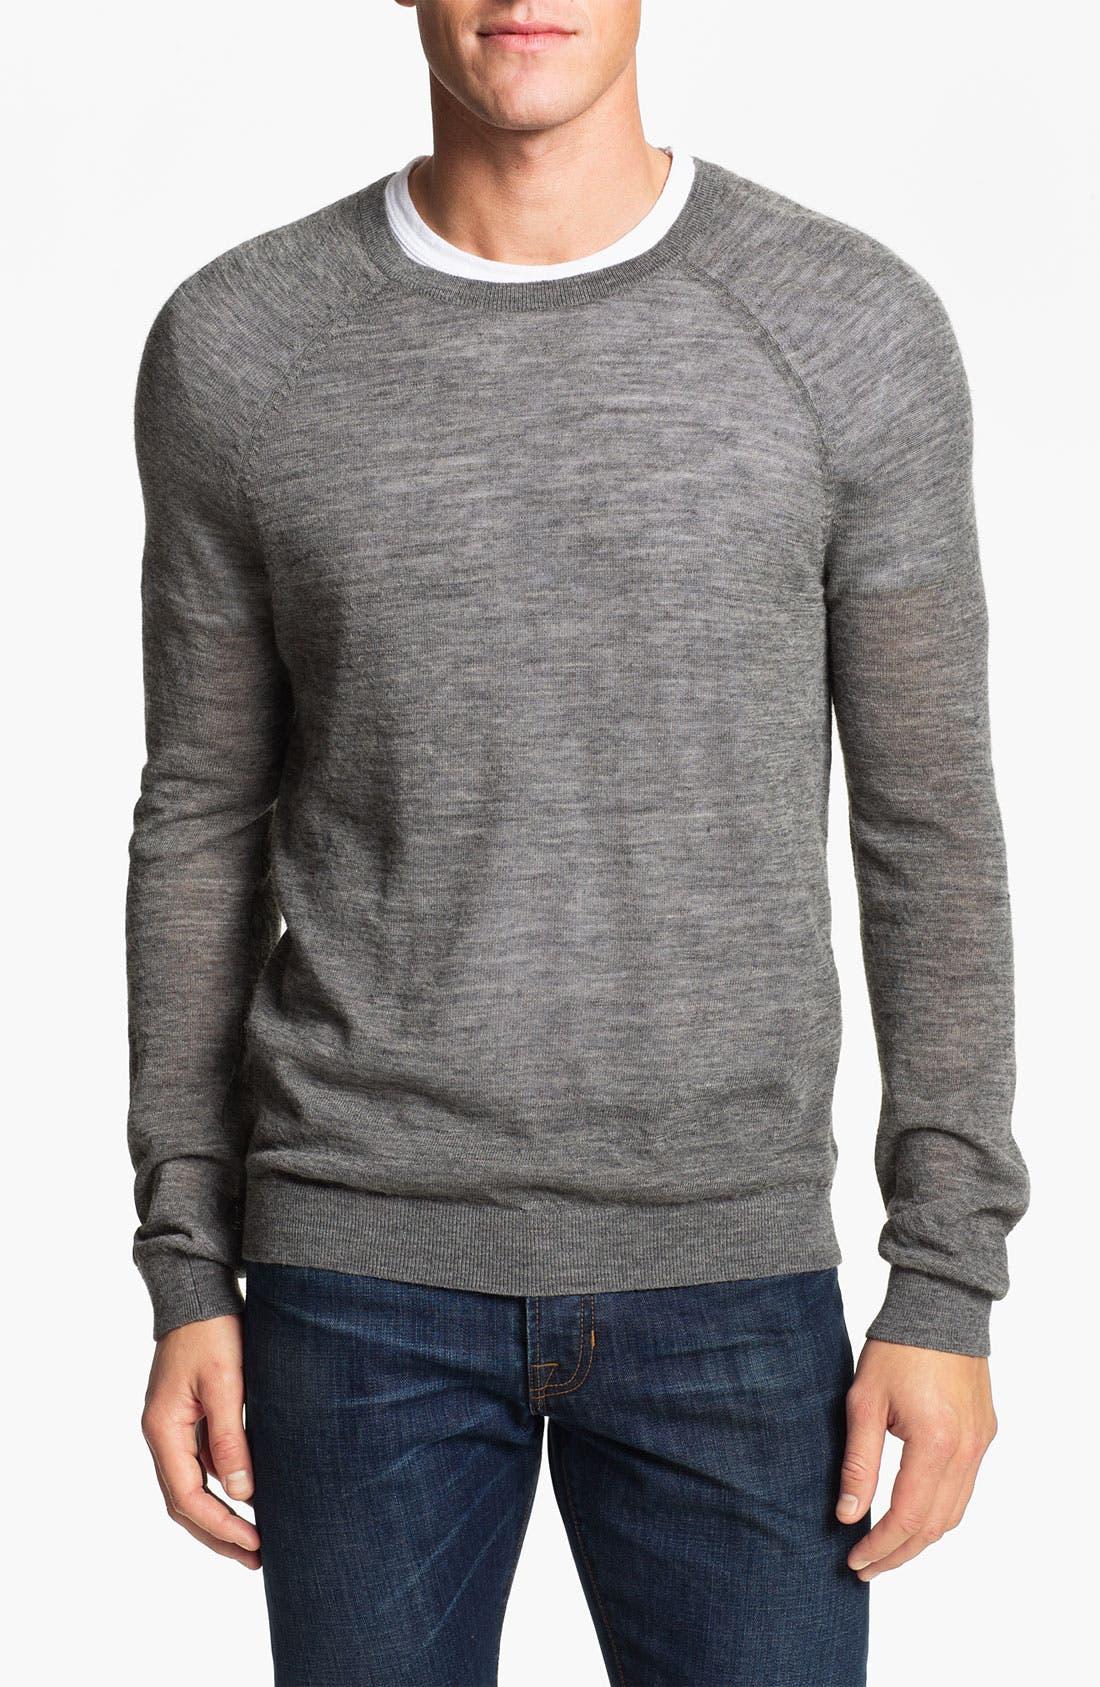 Alternate Image 1 Selected - Vince Alpaca Blend Crewneck Sweater